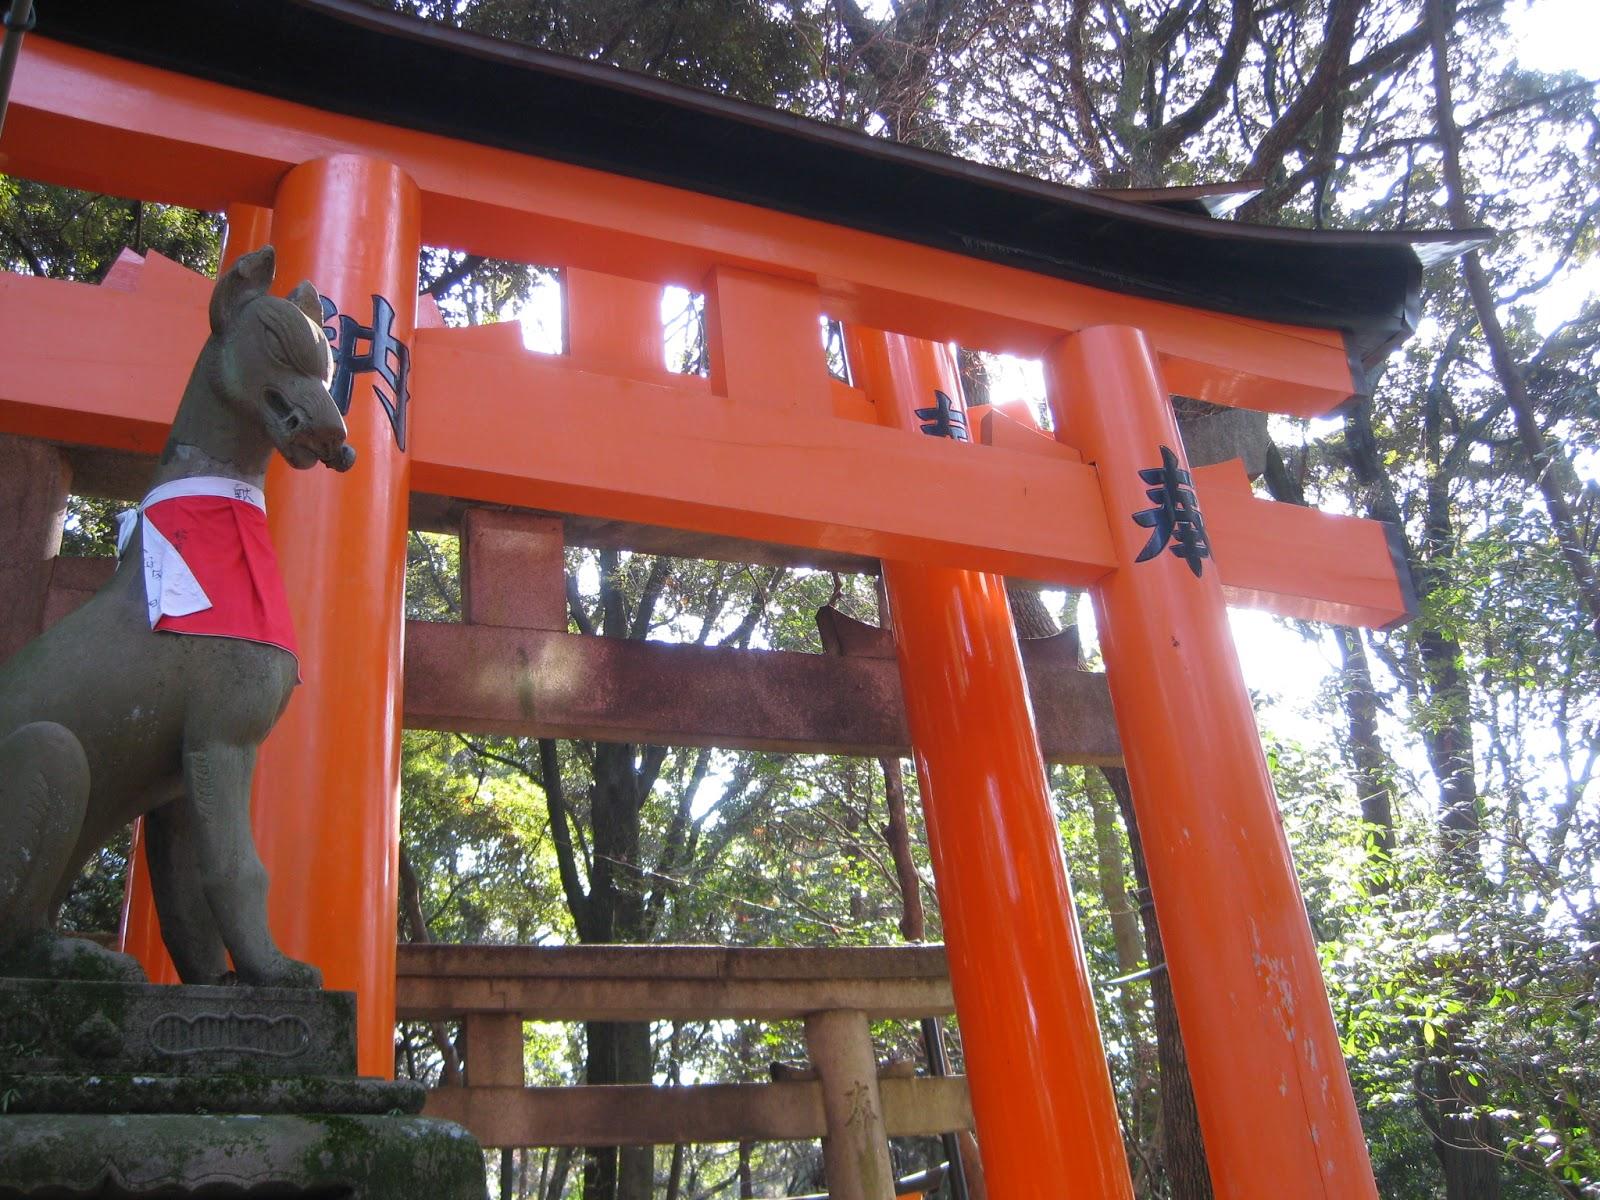 Kyoto - Fox statue near the gates